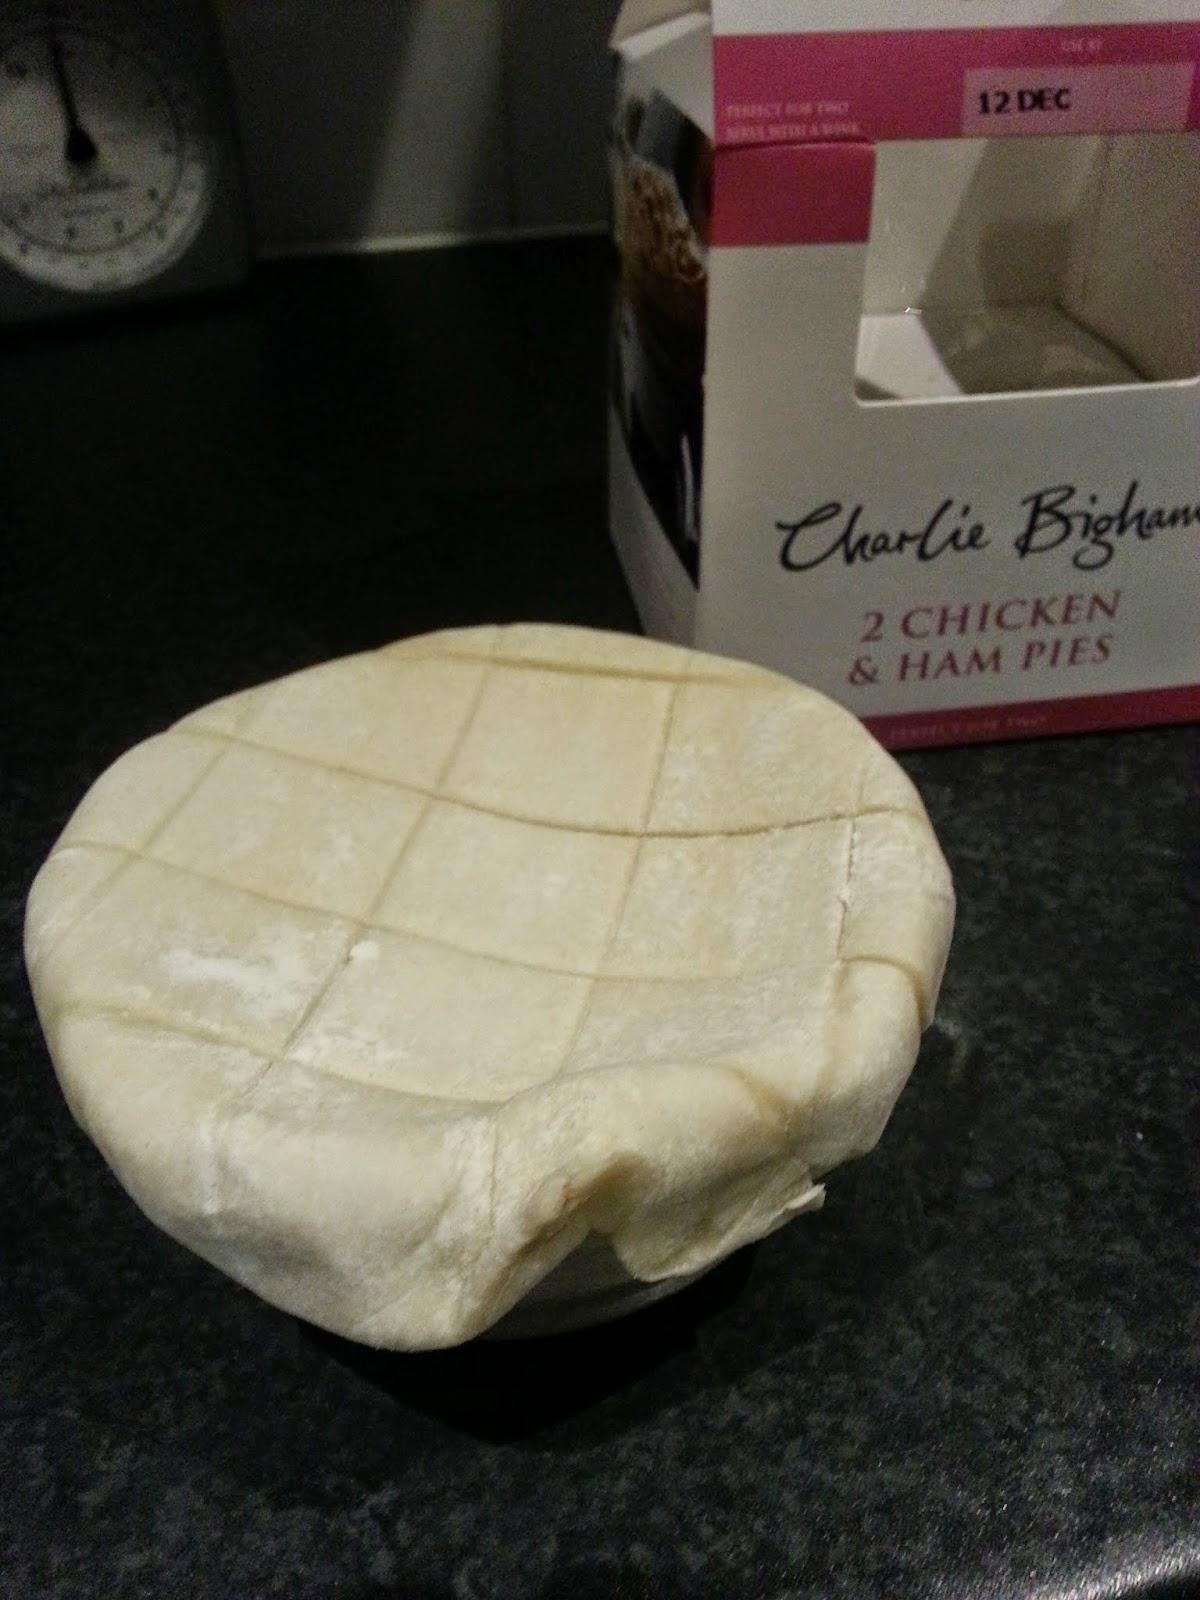 charlie bigham pie